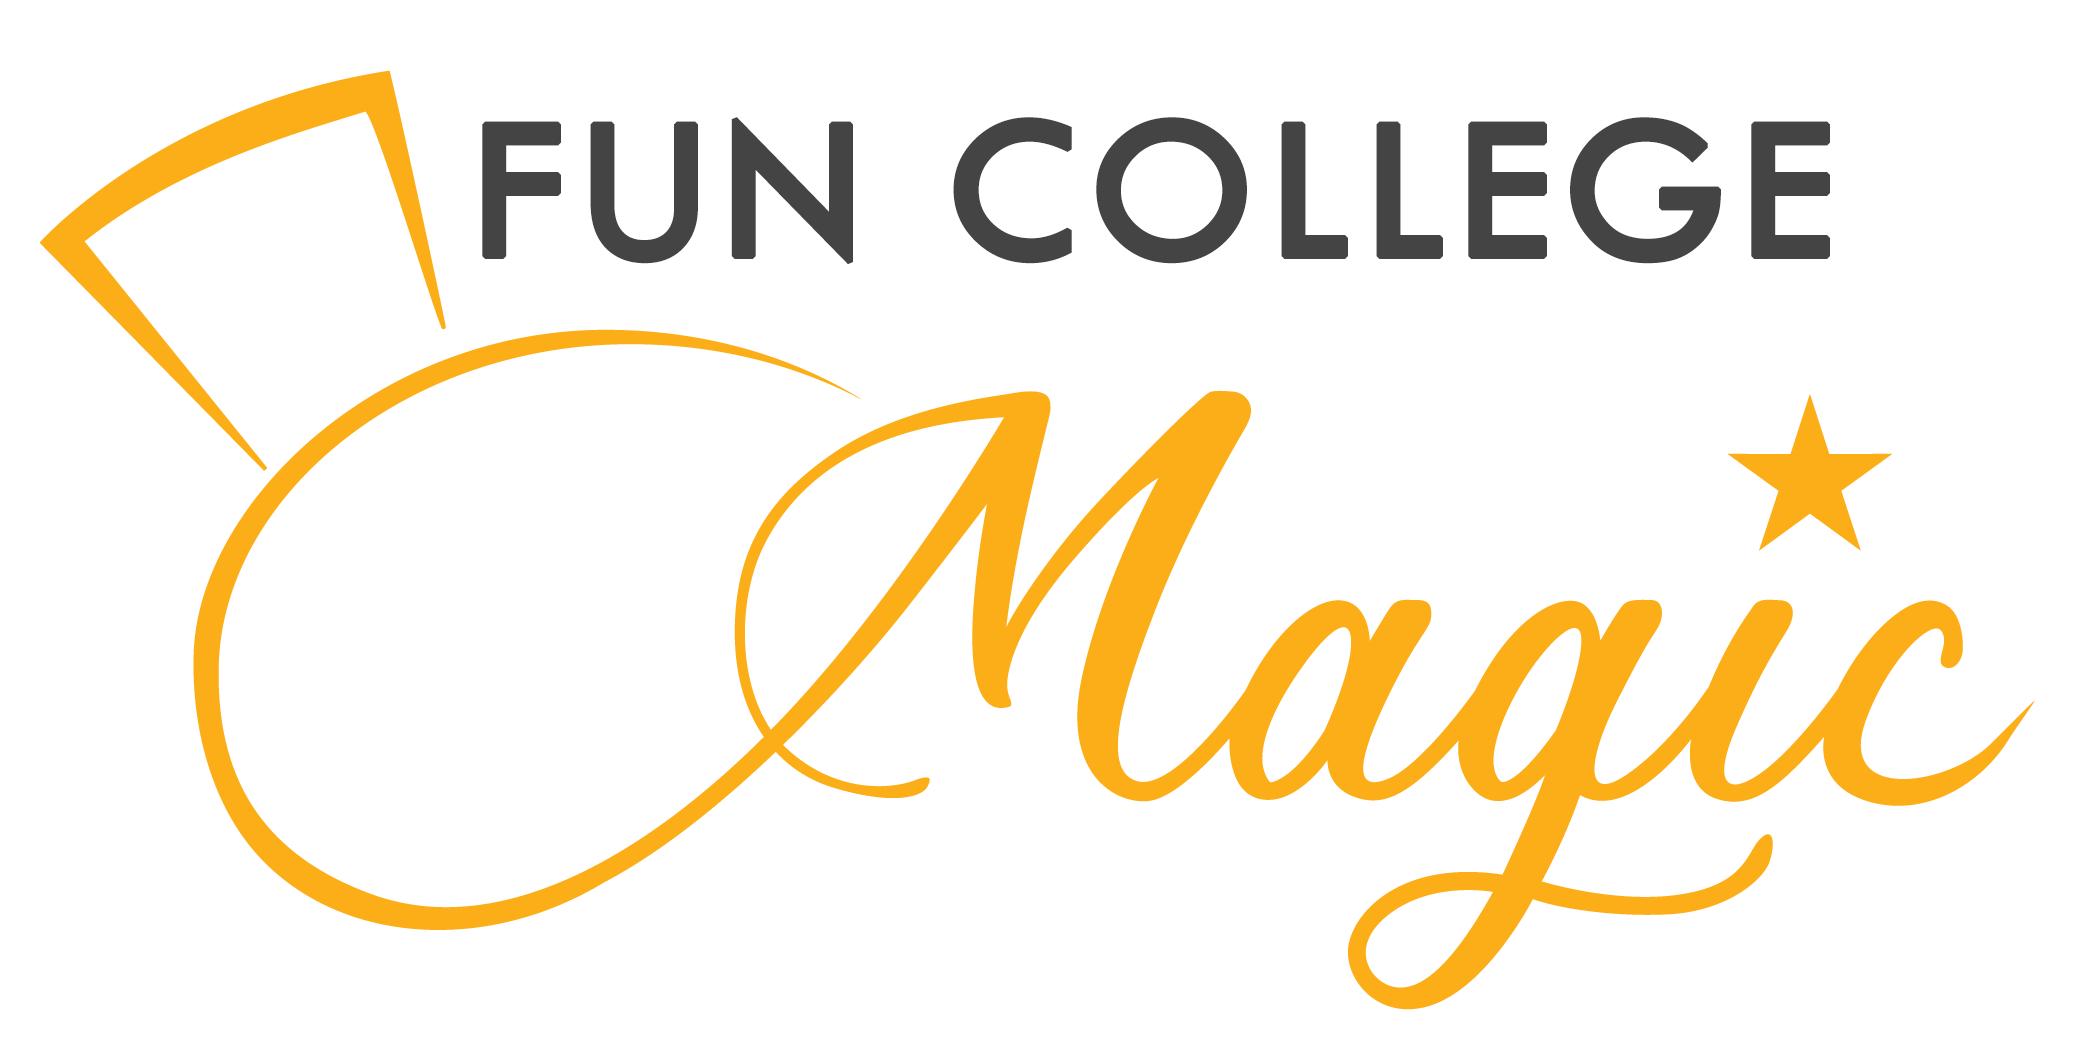 Fun College Magic